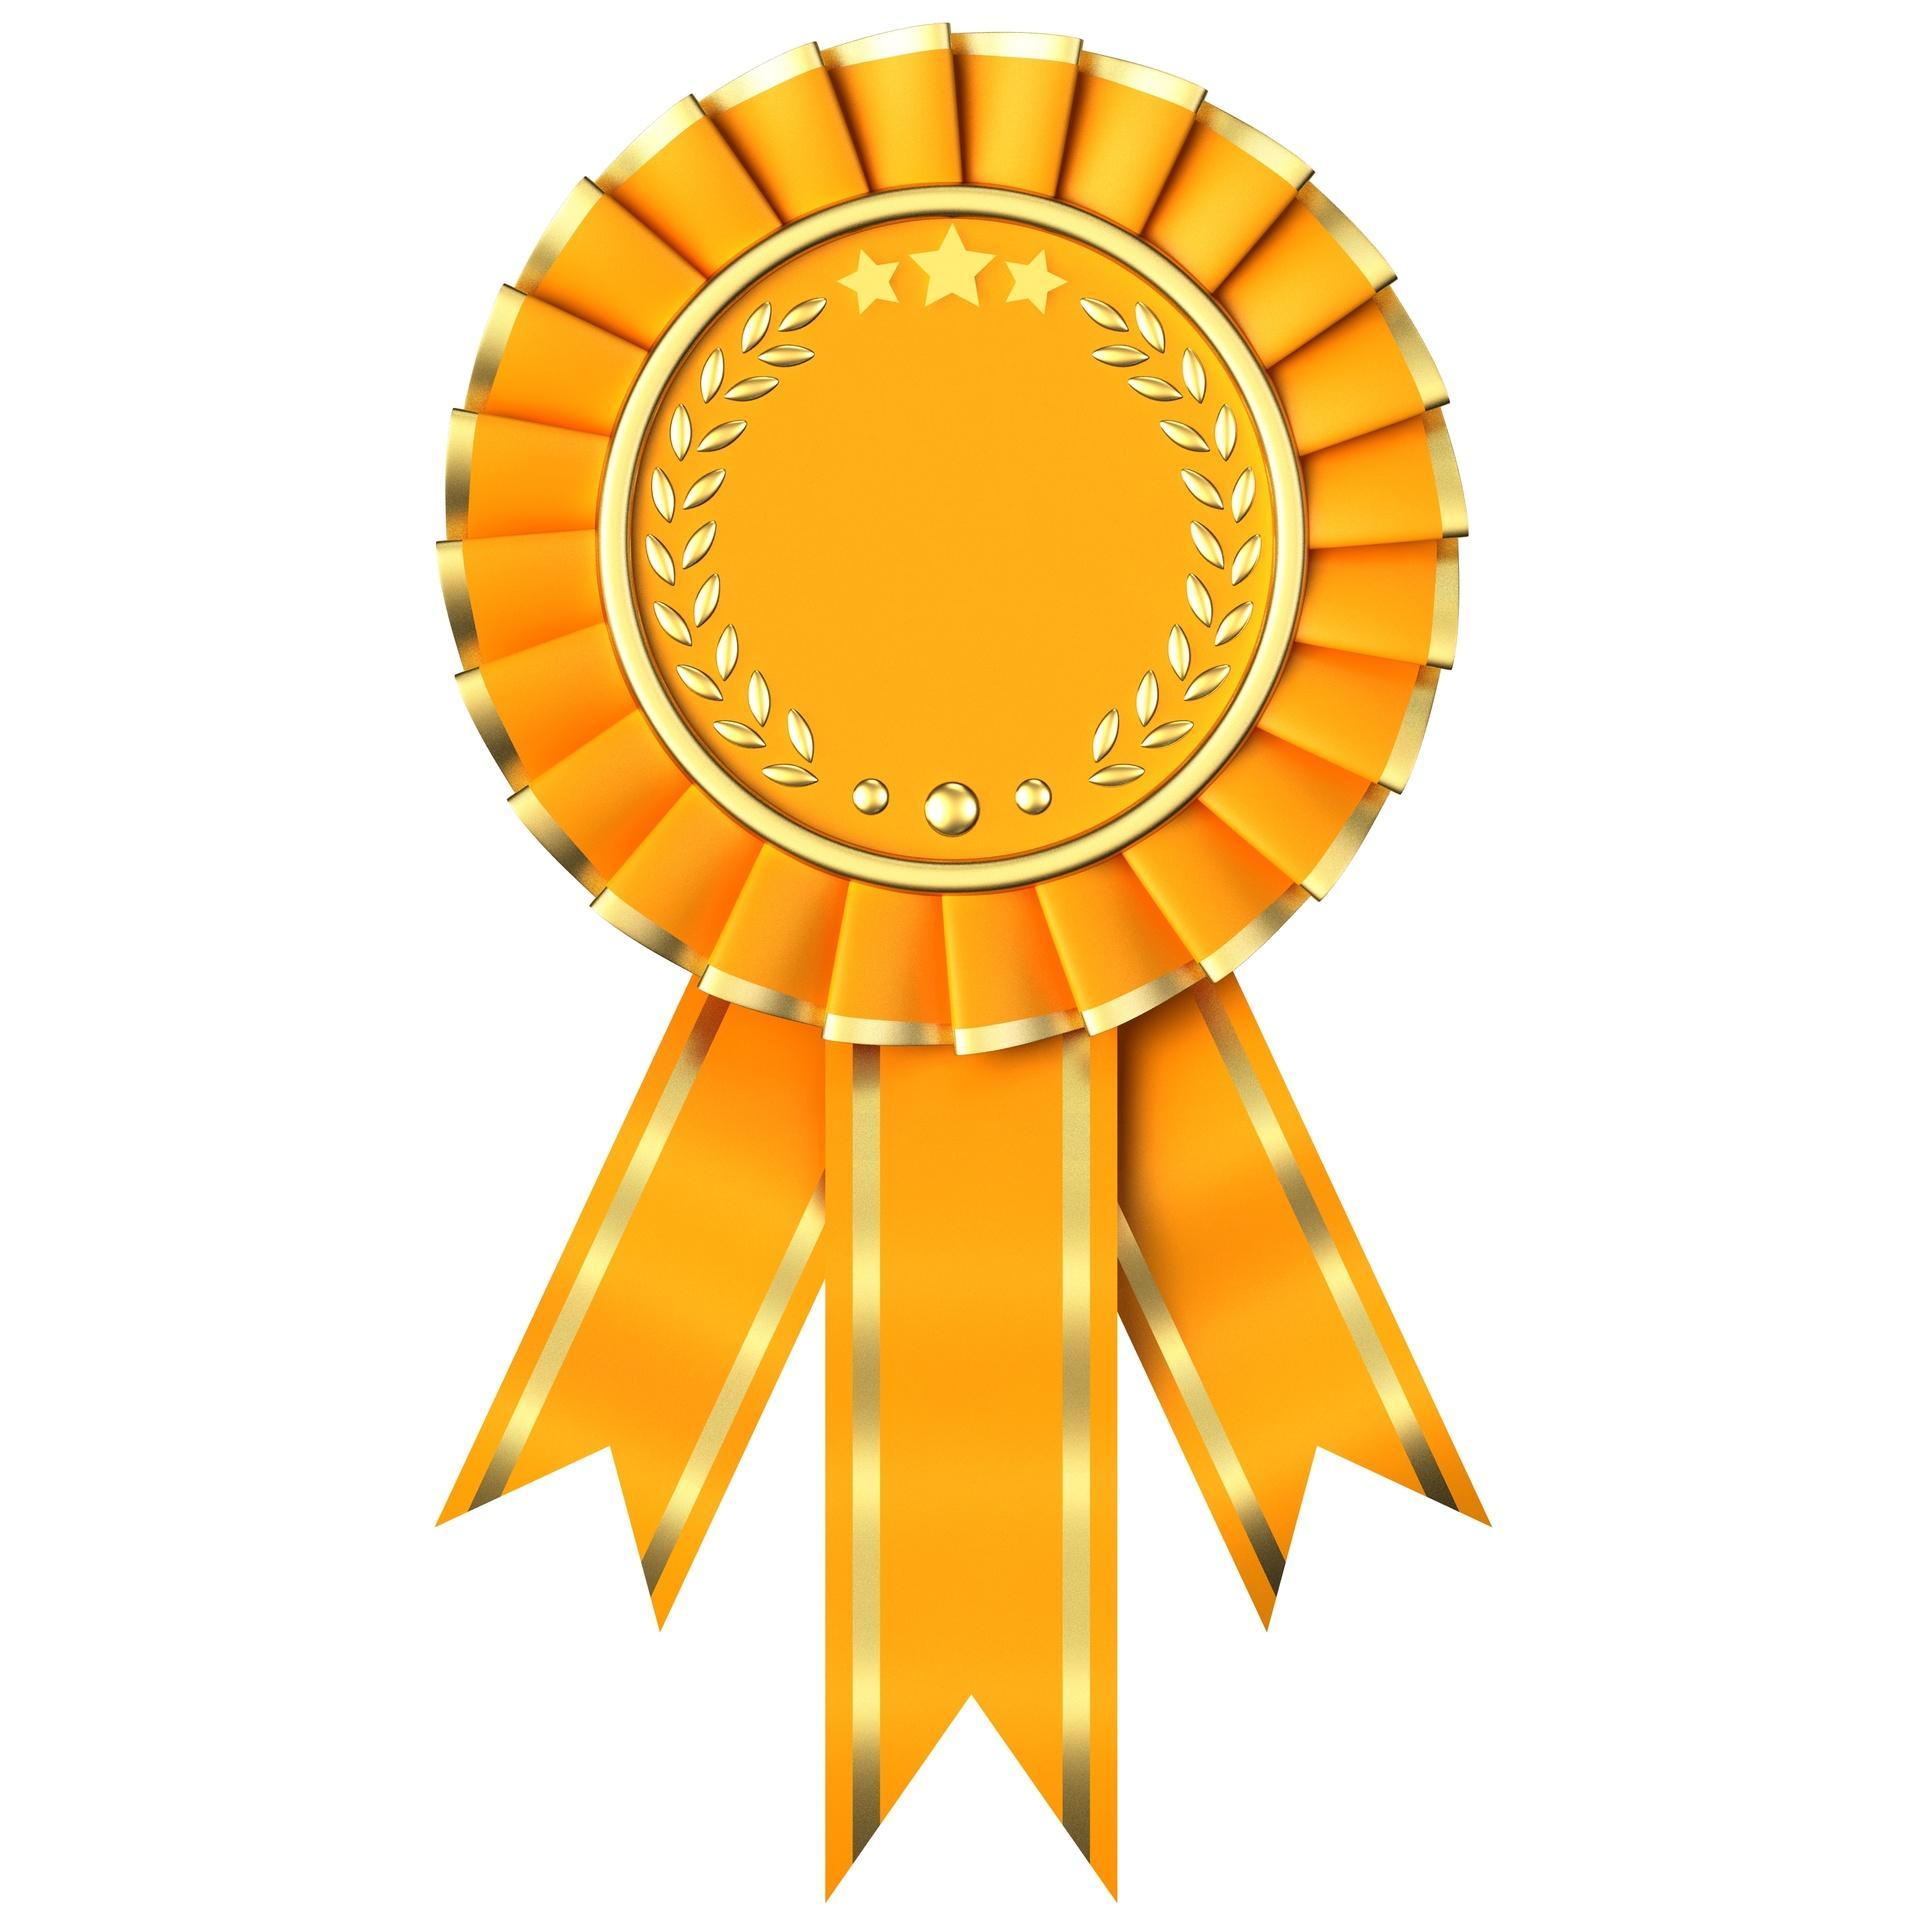 Ribbon clipart merit #4